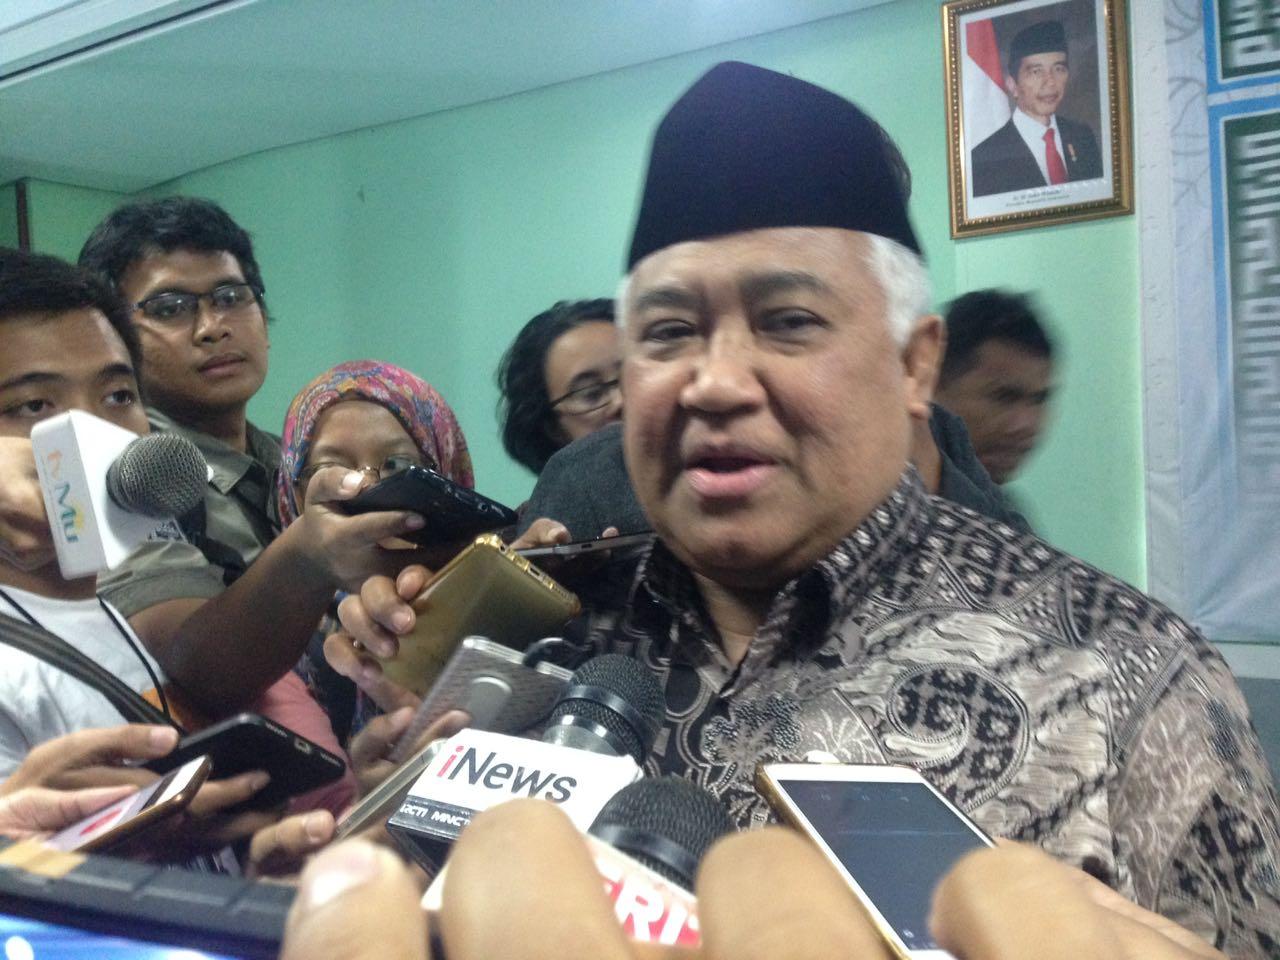 Soal Konflik di Papua, Din : Sebenarnya Bisa Dimusyawarahkan